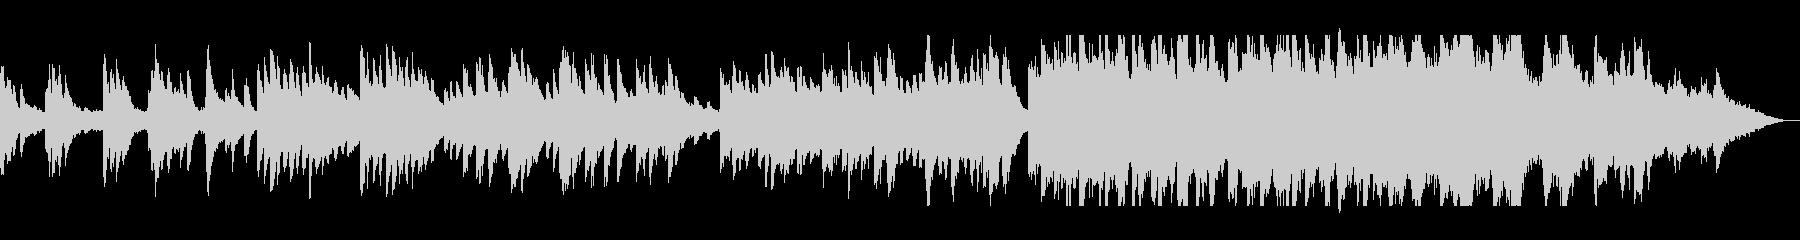 ピアノの落ち着いた旋律が主体のバラードの未再生の波形